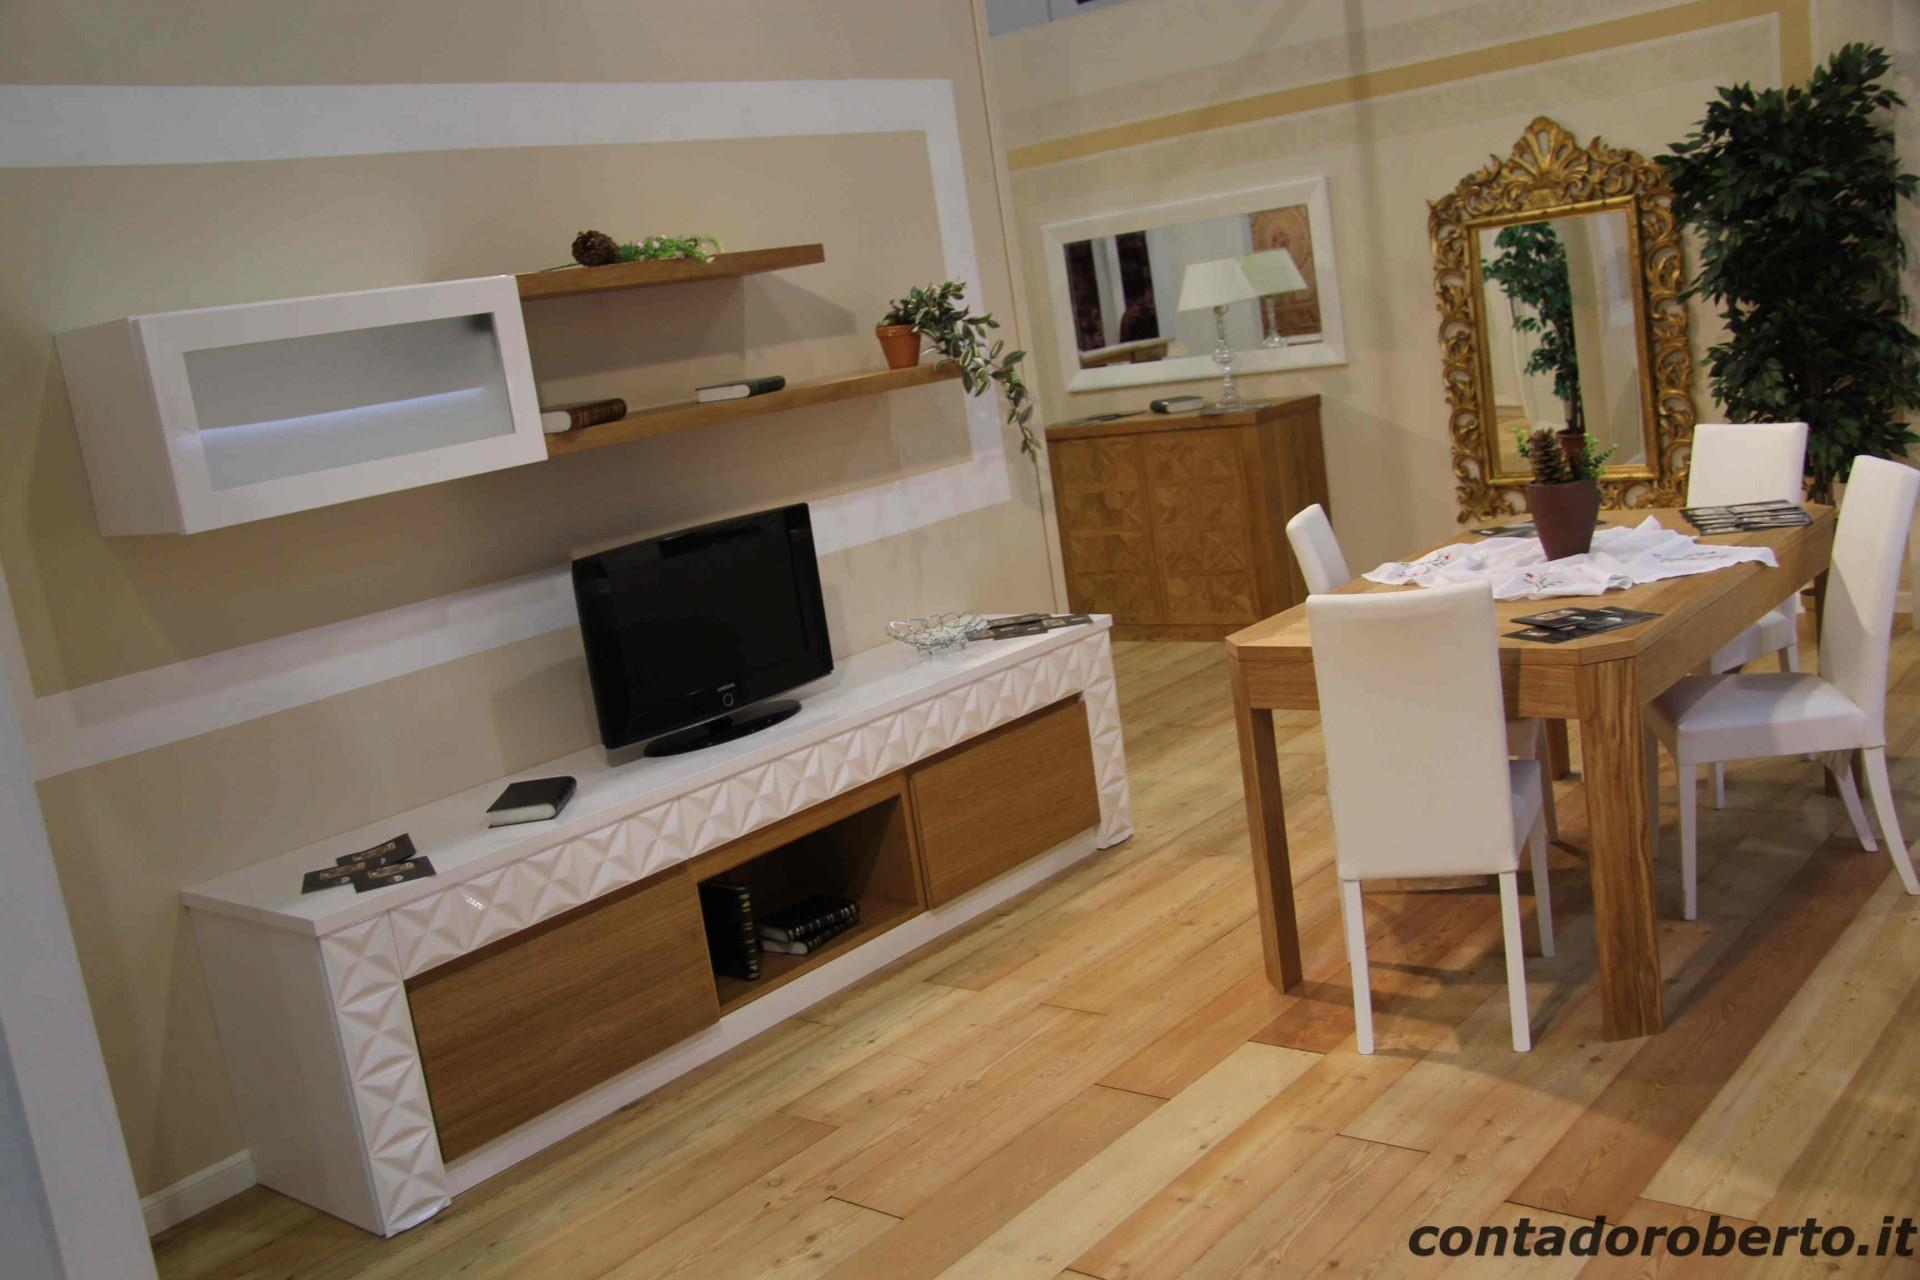 Best soggiorno a verona ideas design trends 2017 for Soggiorno verona